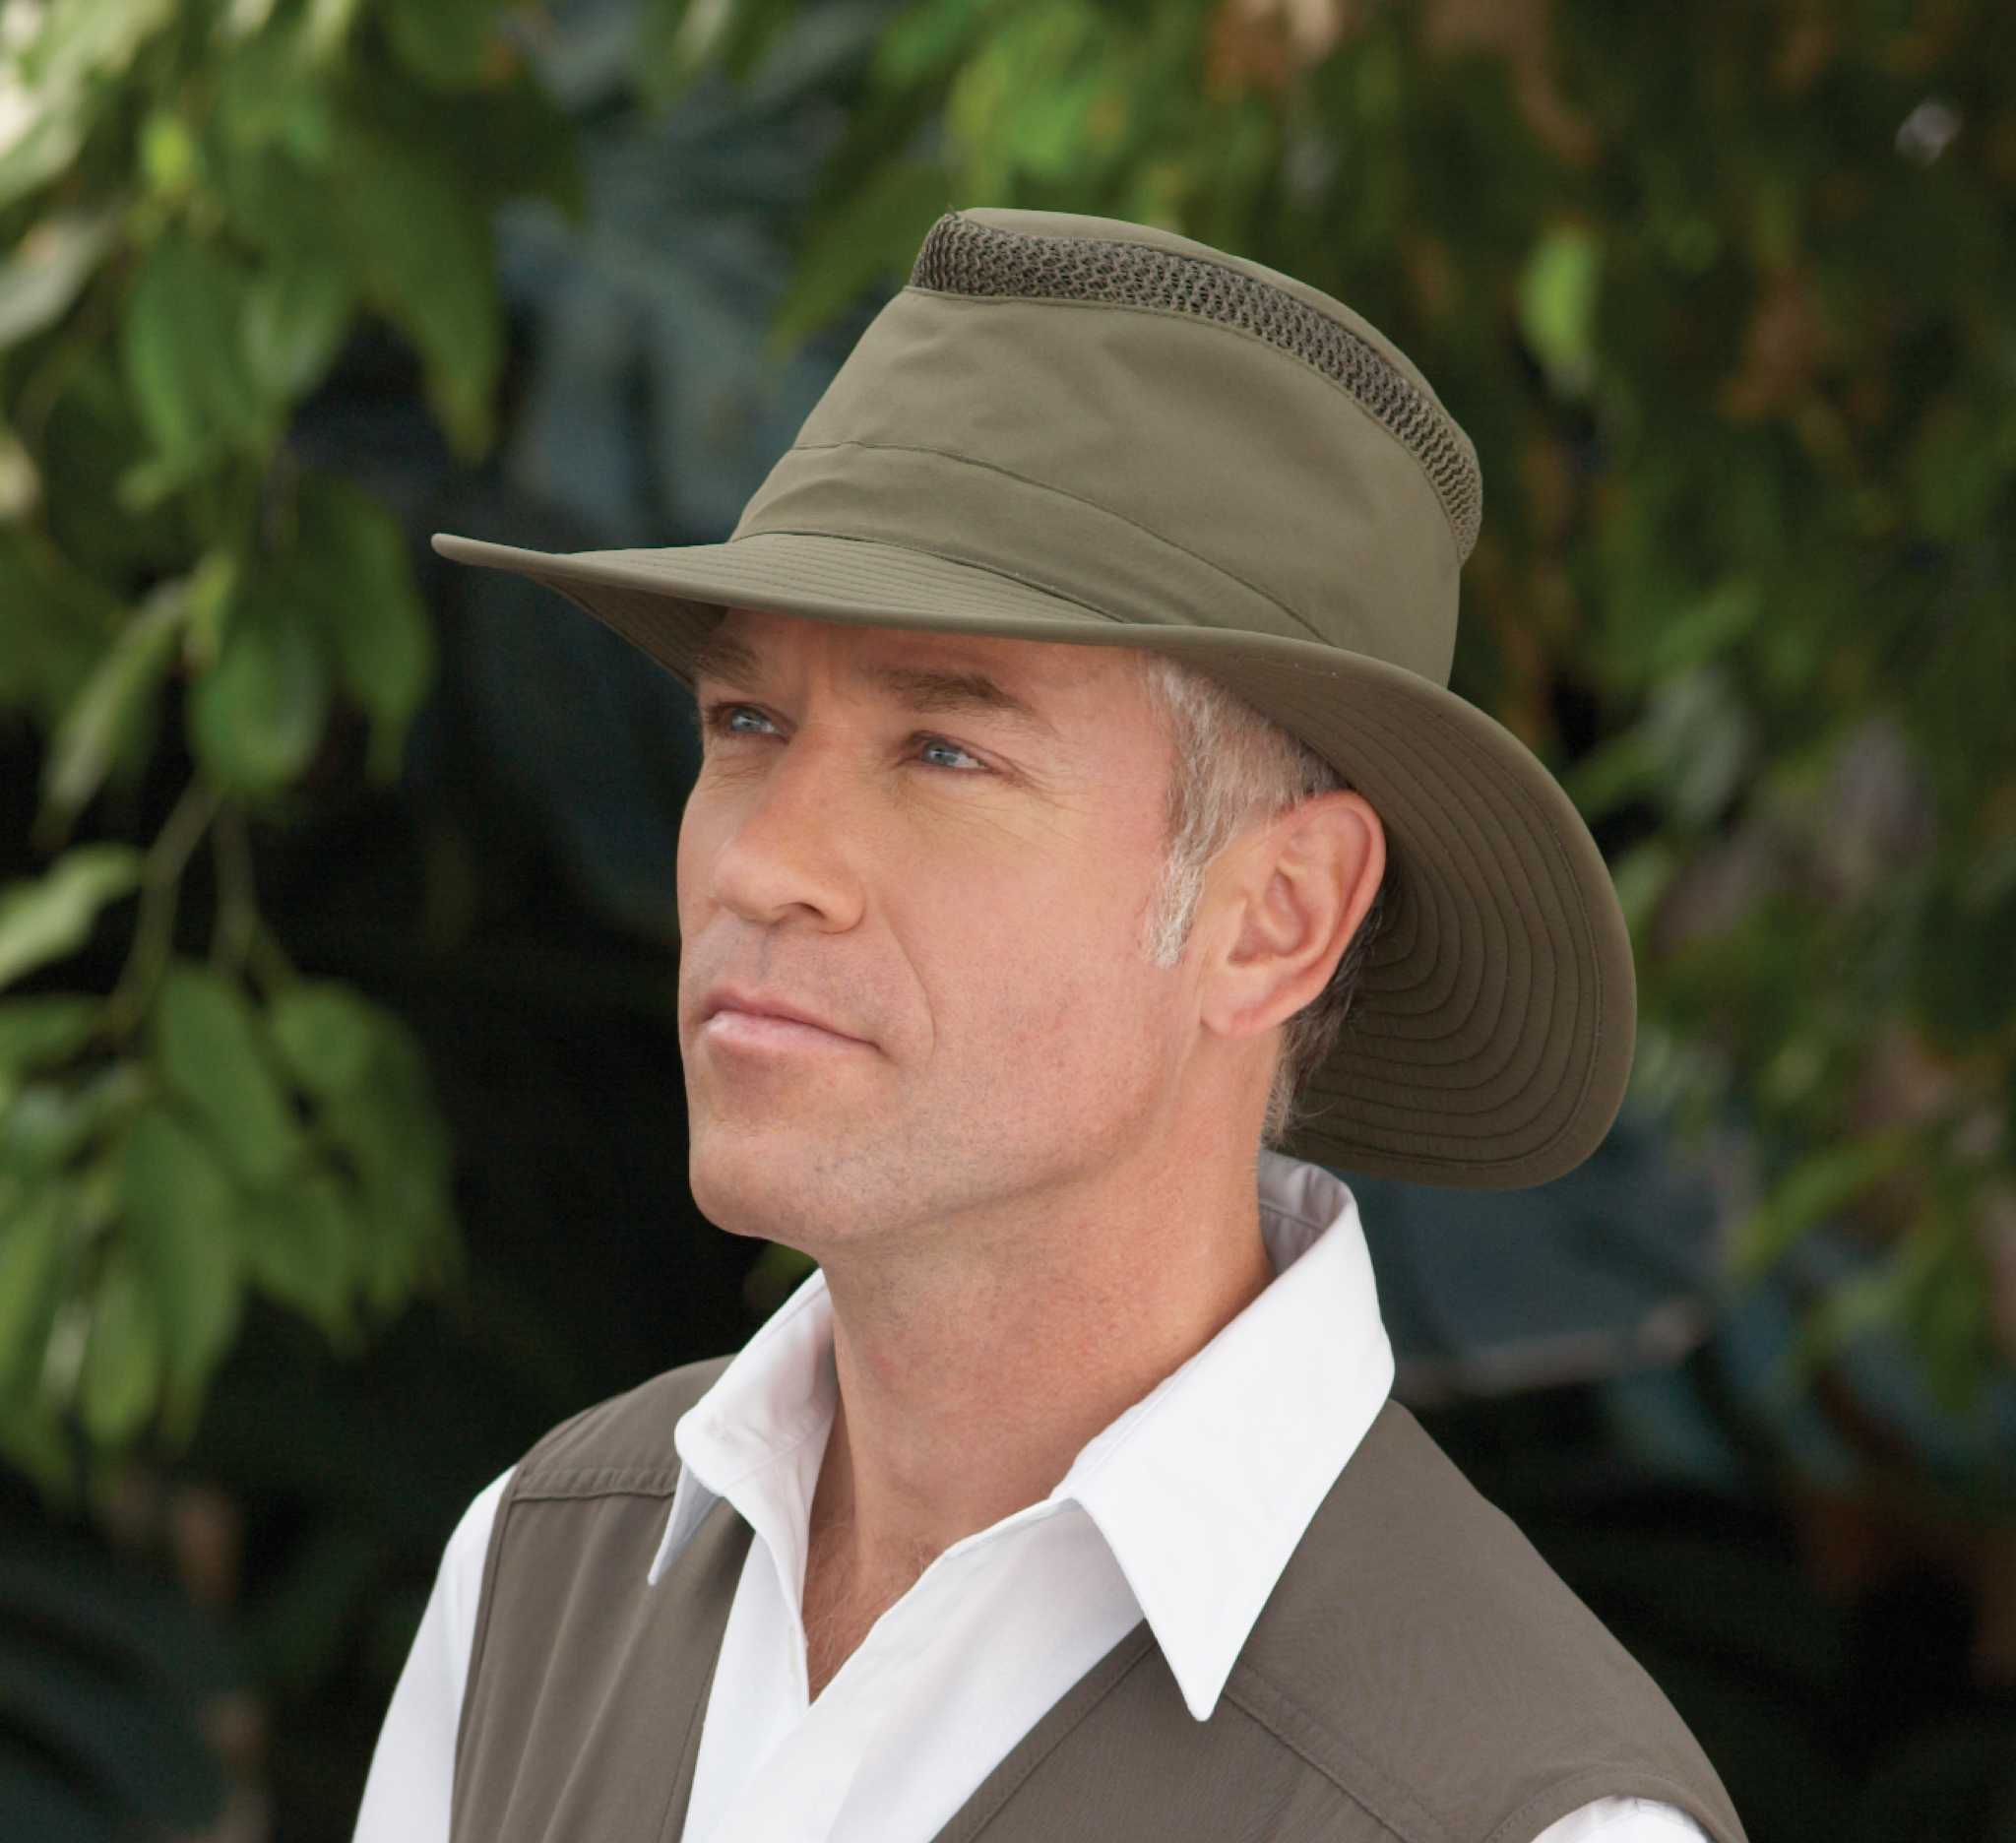 Pălărie de soare pentru bărbați, Foto: t-n5.com